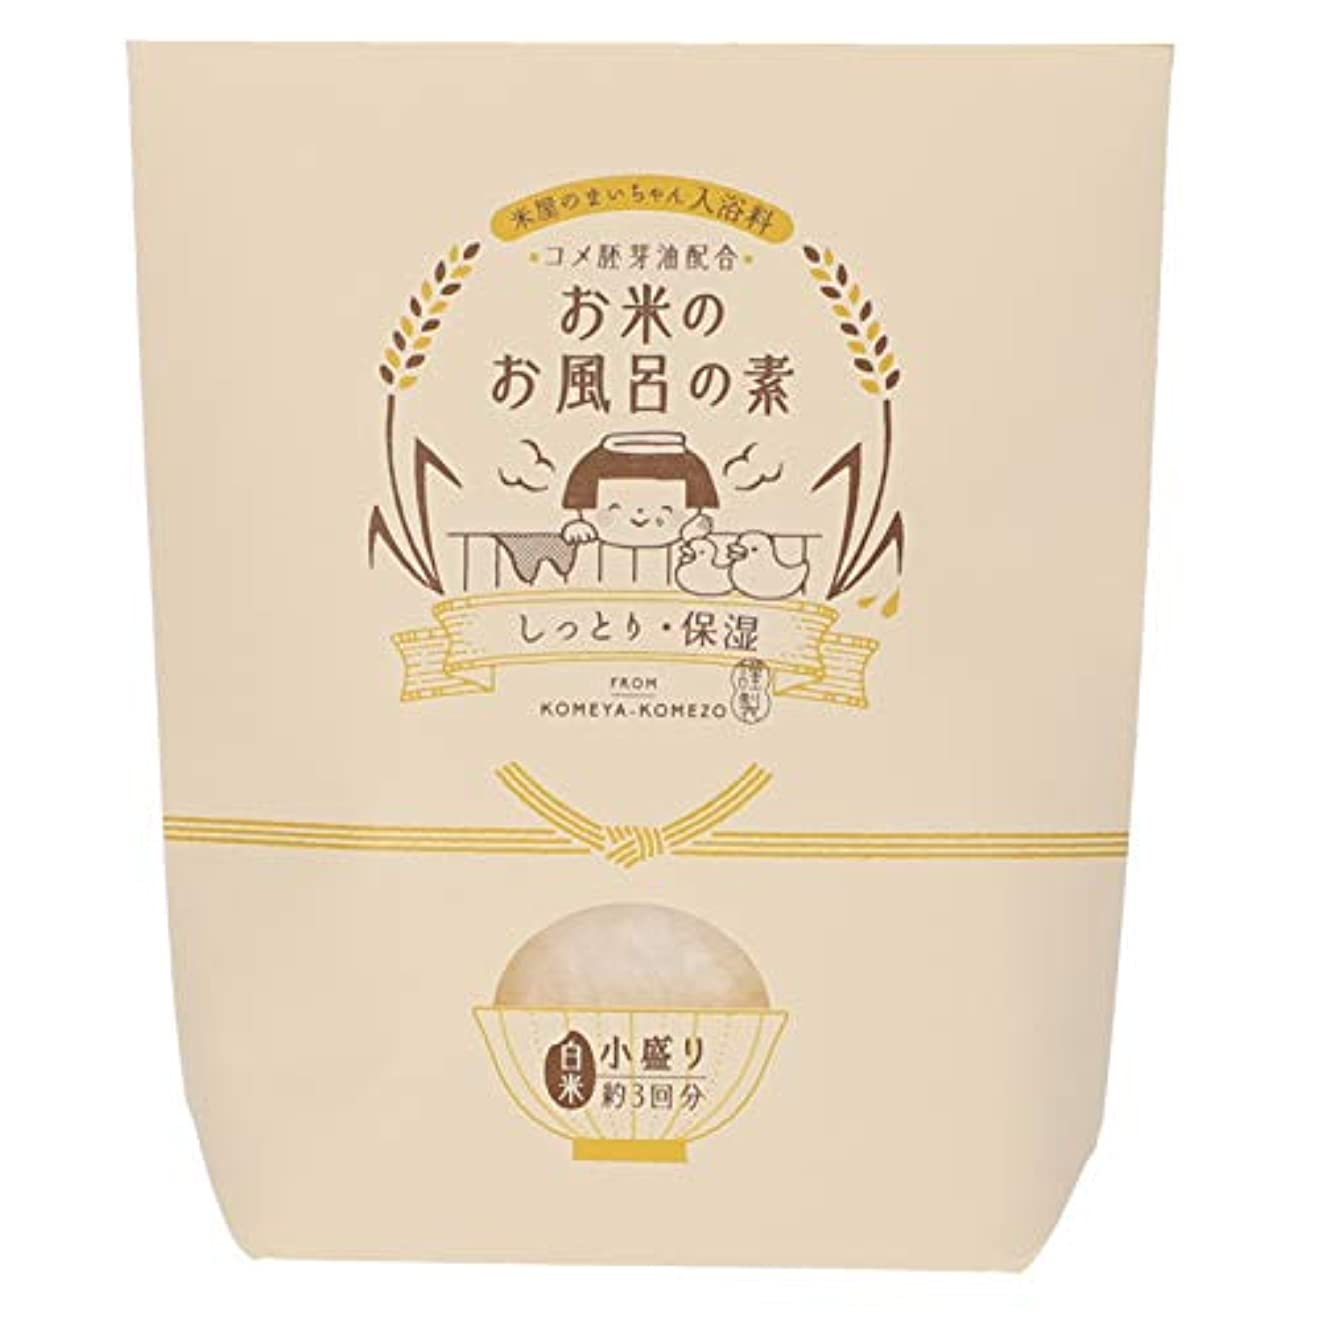 シビック保証金モンゴメリー米屋のまいちゃん家の逸品 お米のお風呂の素 小盛り(保湿) 入浴剤 113mm×34mm×133mm